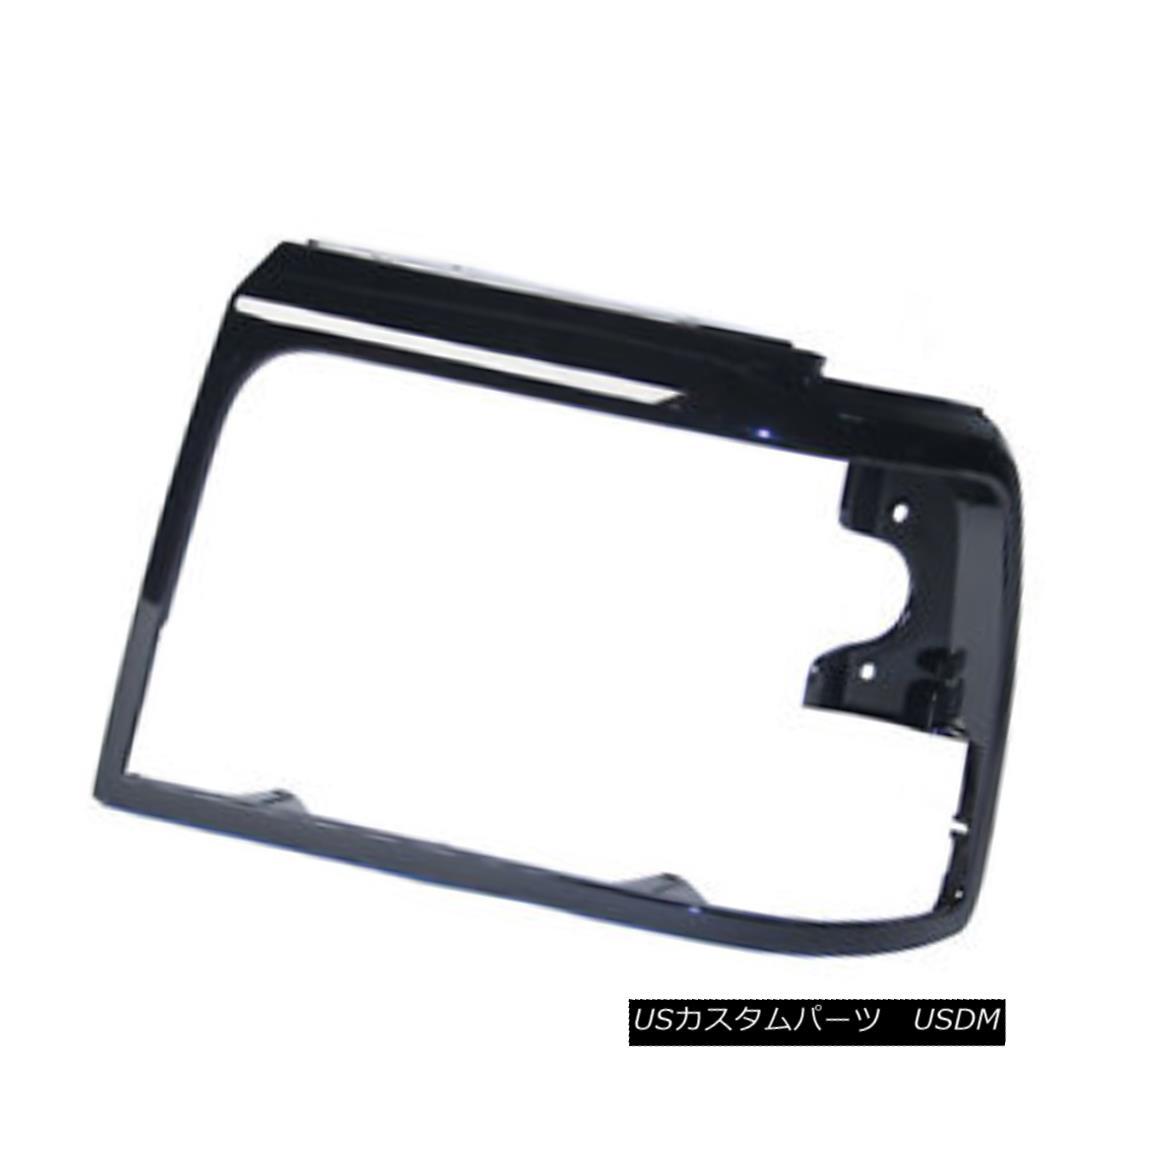 グリル New Replacement Headlight Door Black Driver Side 630-00953BL 新しい交換ヘッドライトドアブラックドライバサイド630-00953BL